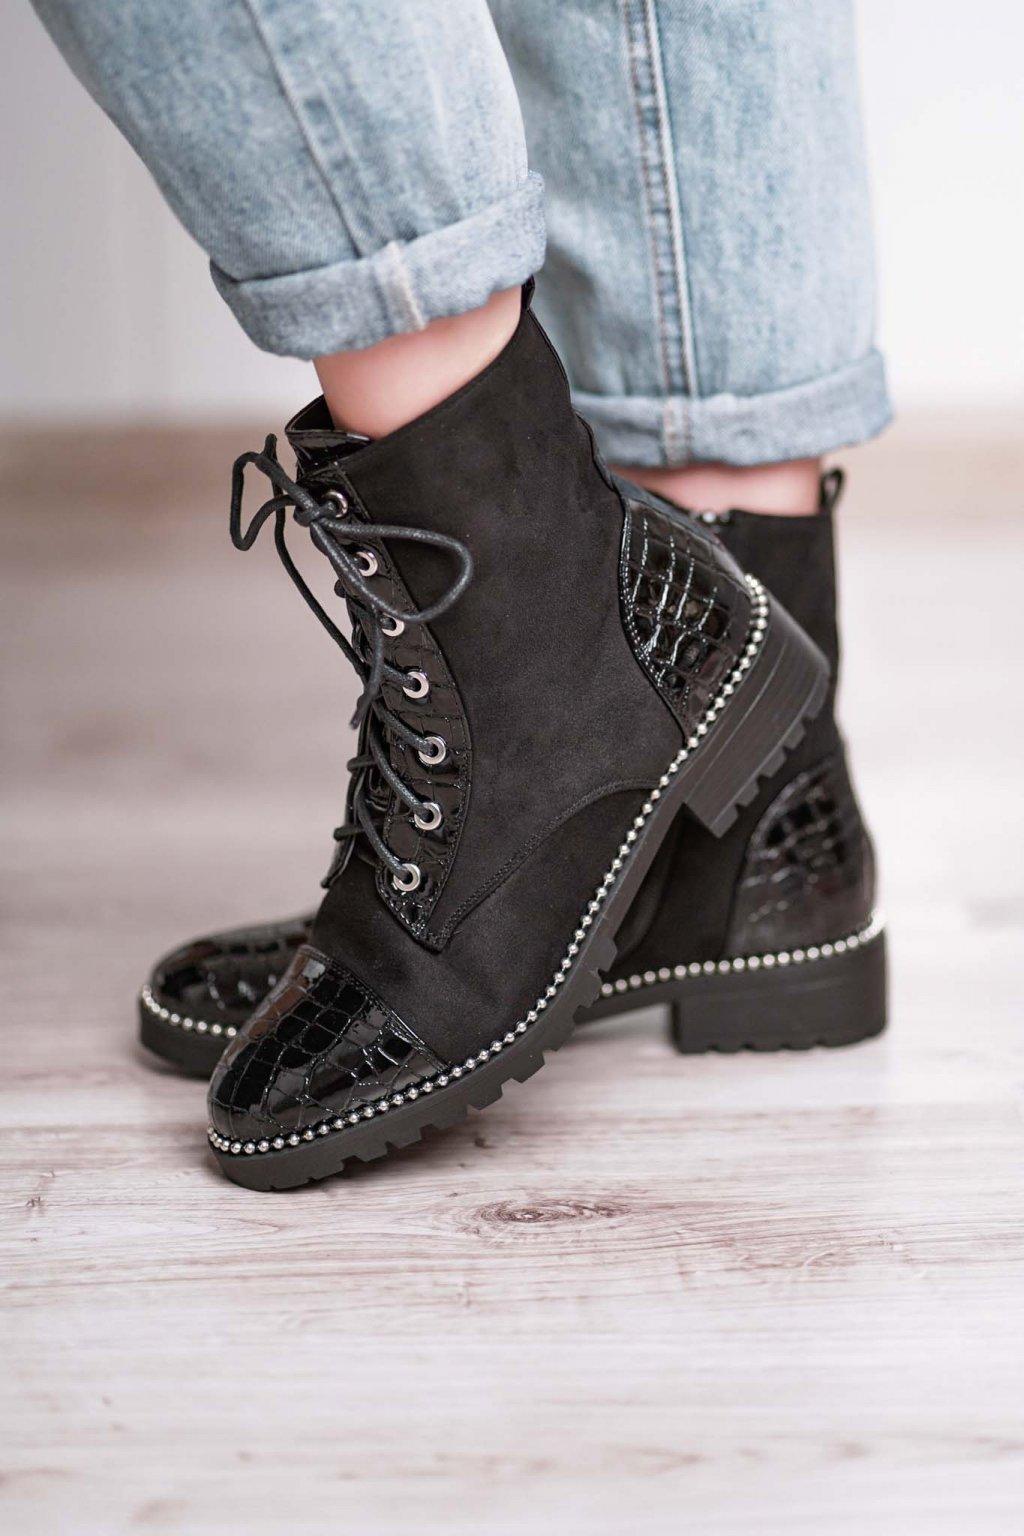 topánky, obuv, tenisky, botasky, lodičky, čižmy, šľapky, sandálky 355